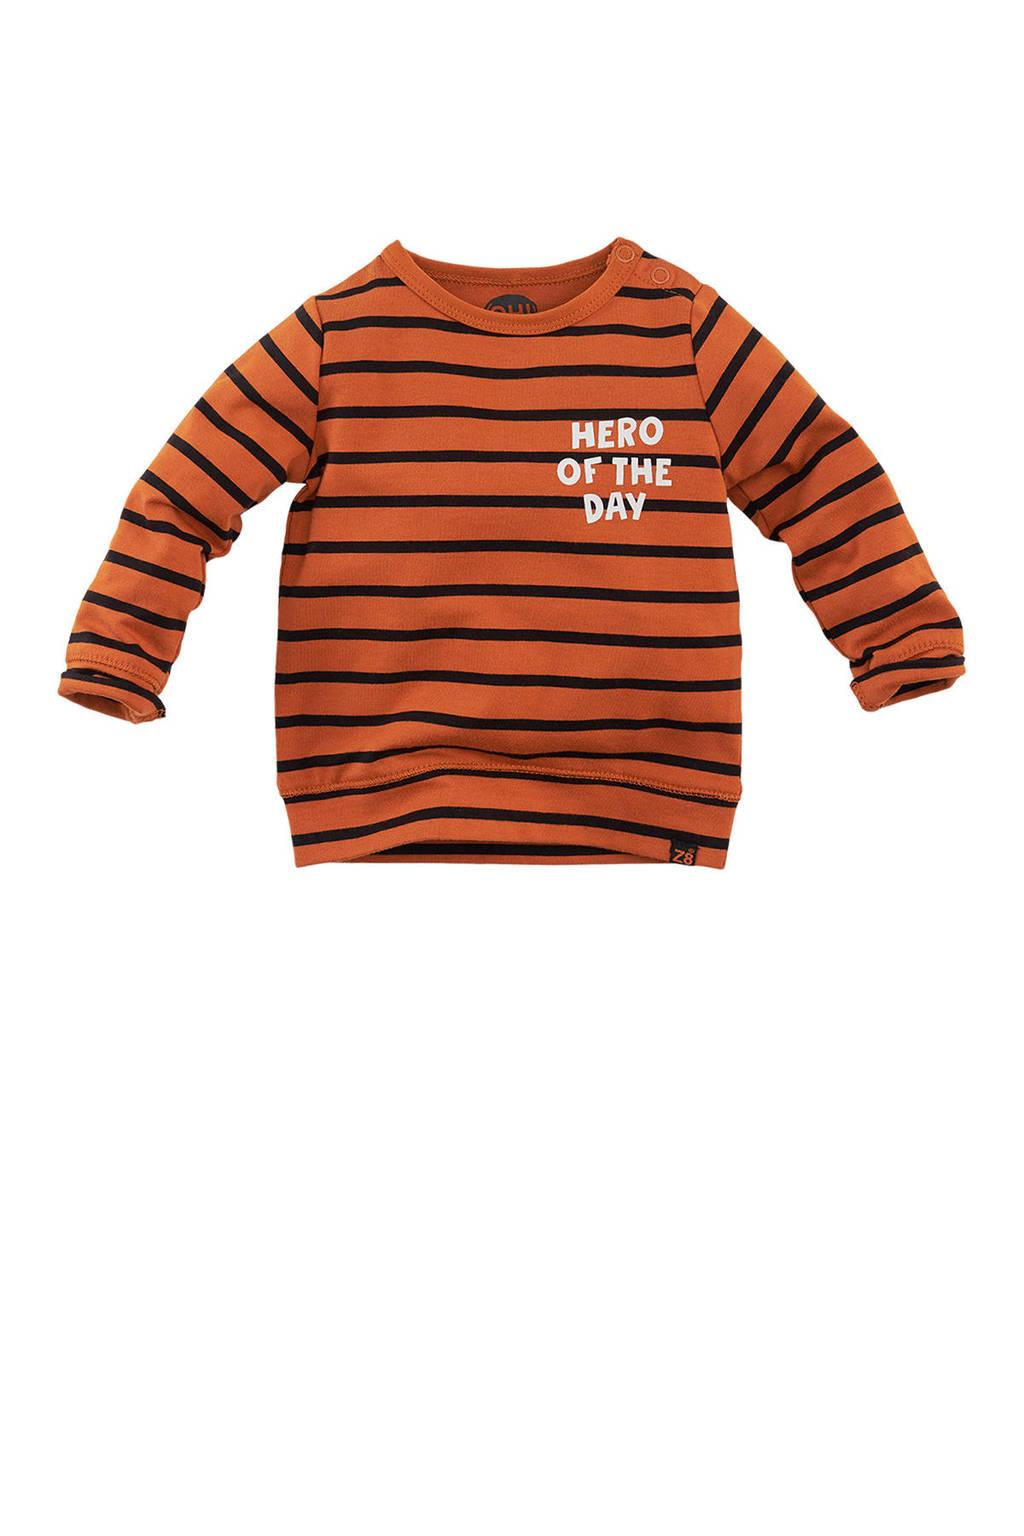 Z8 longsleeve Tunis streep bruin/zwart/wit, Donker oranje/zwart/wit